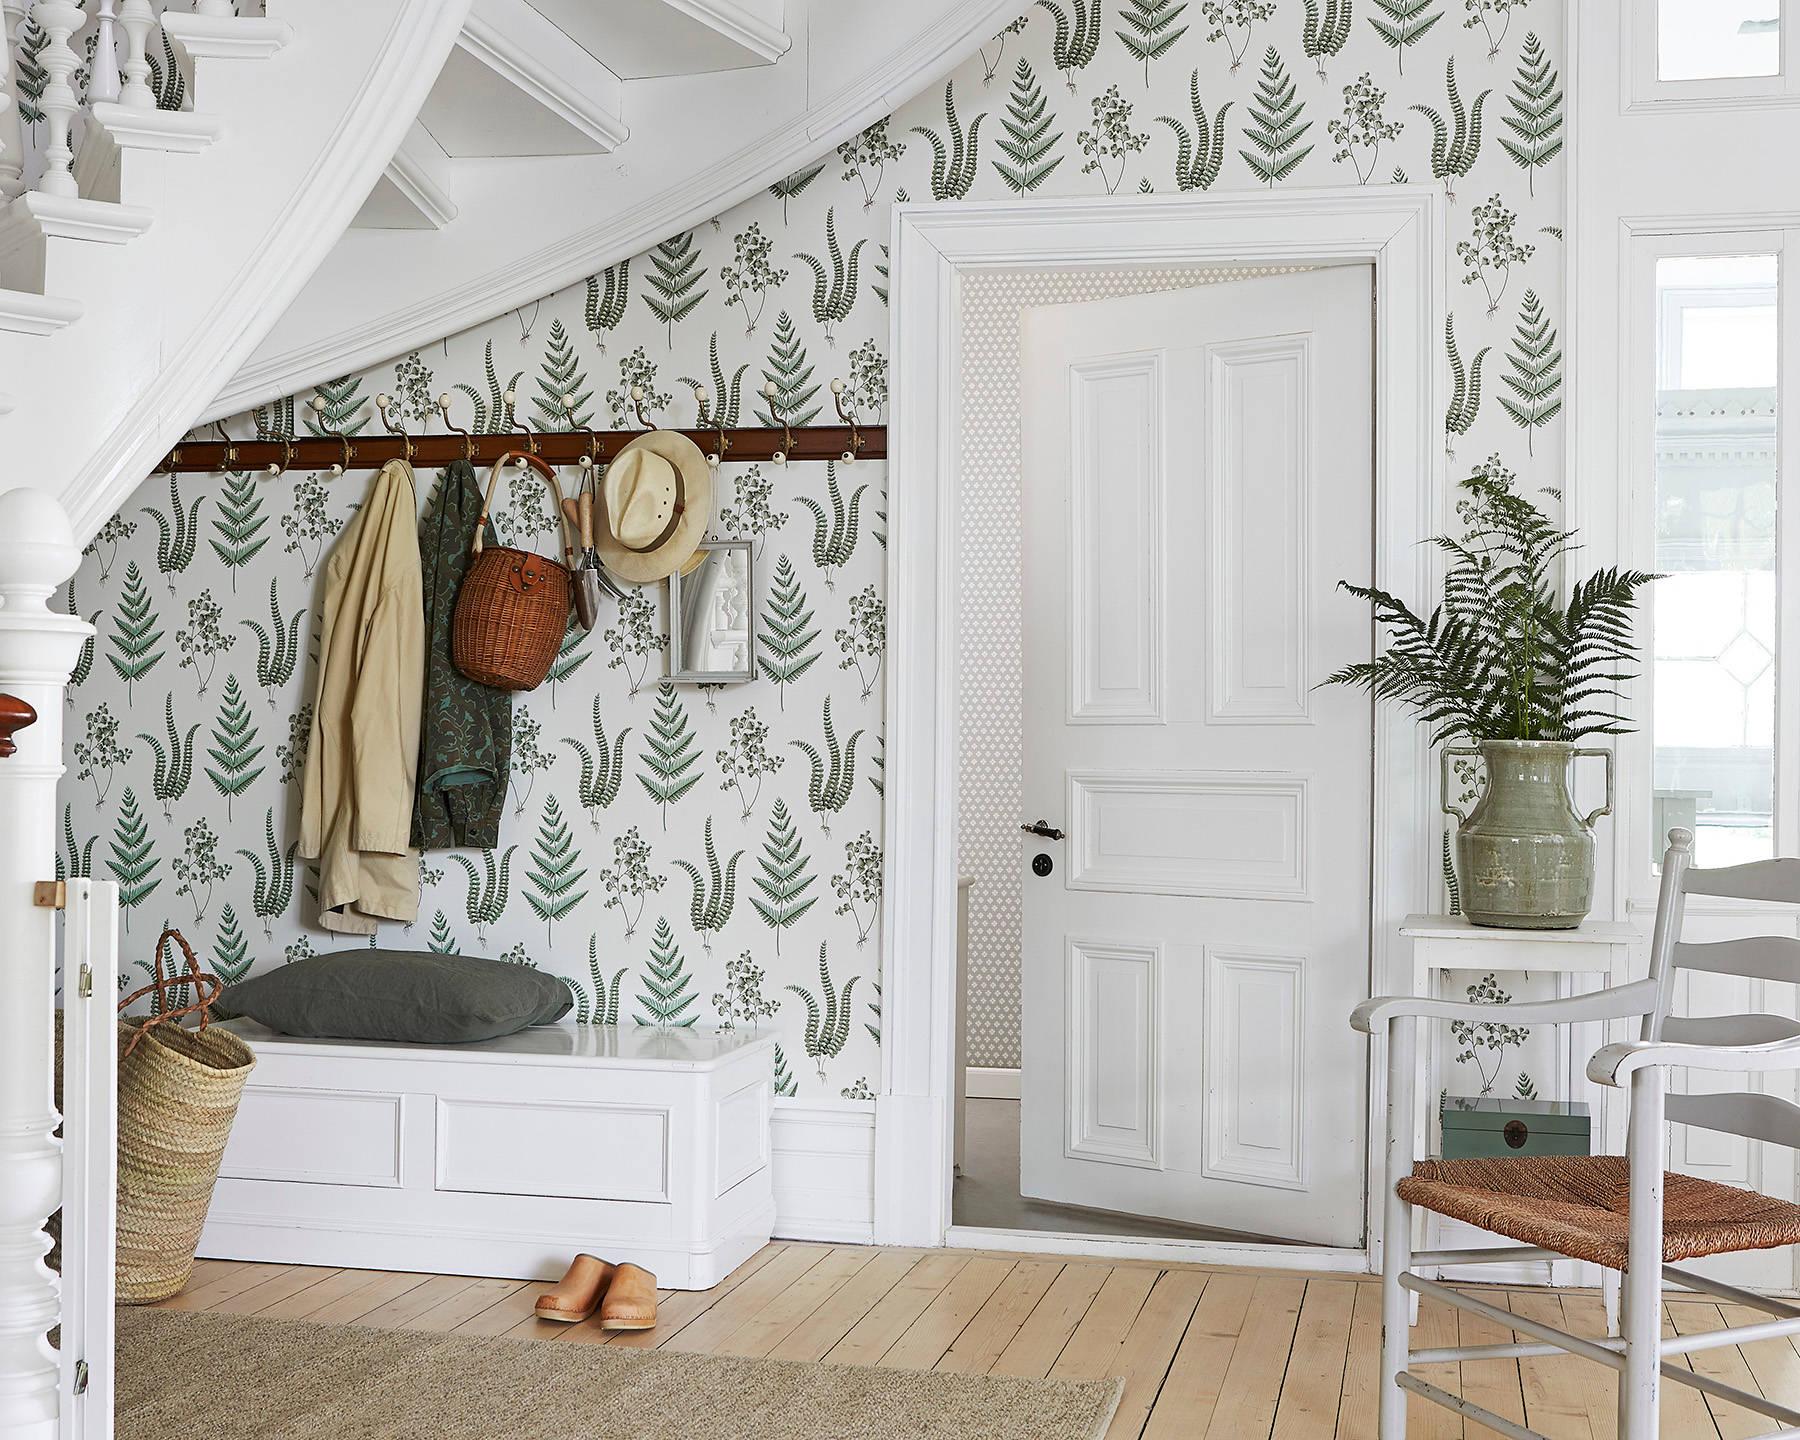 Dans une petite pièce, un minimum de mobilier est approprié